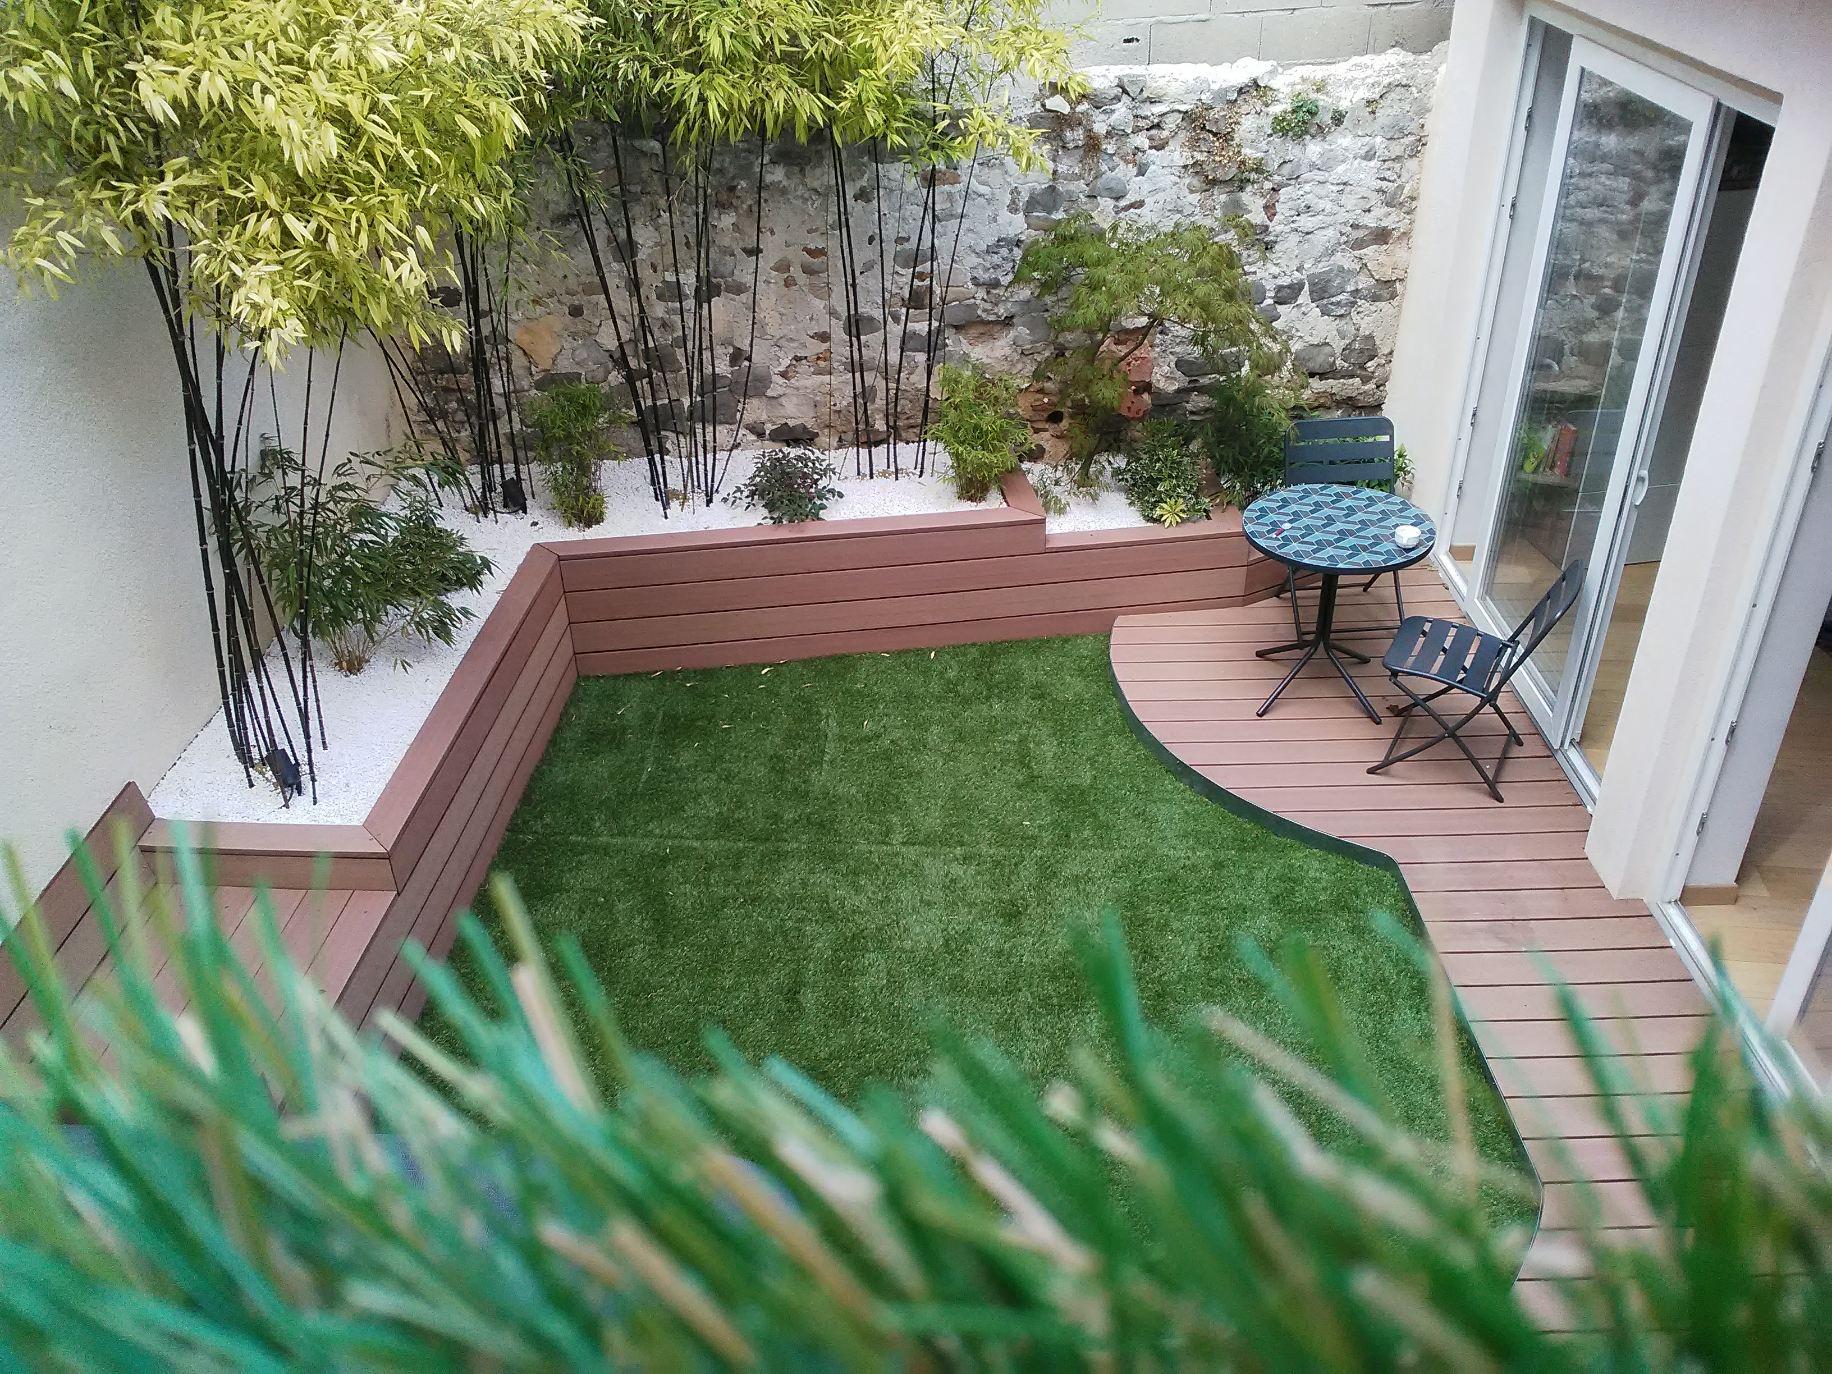 Entretien balcon par un jardinier professionnel